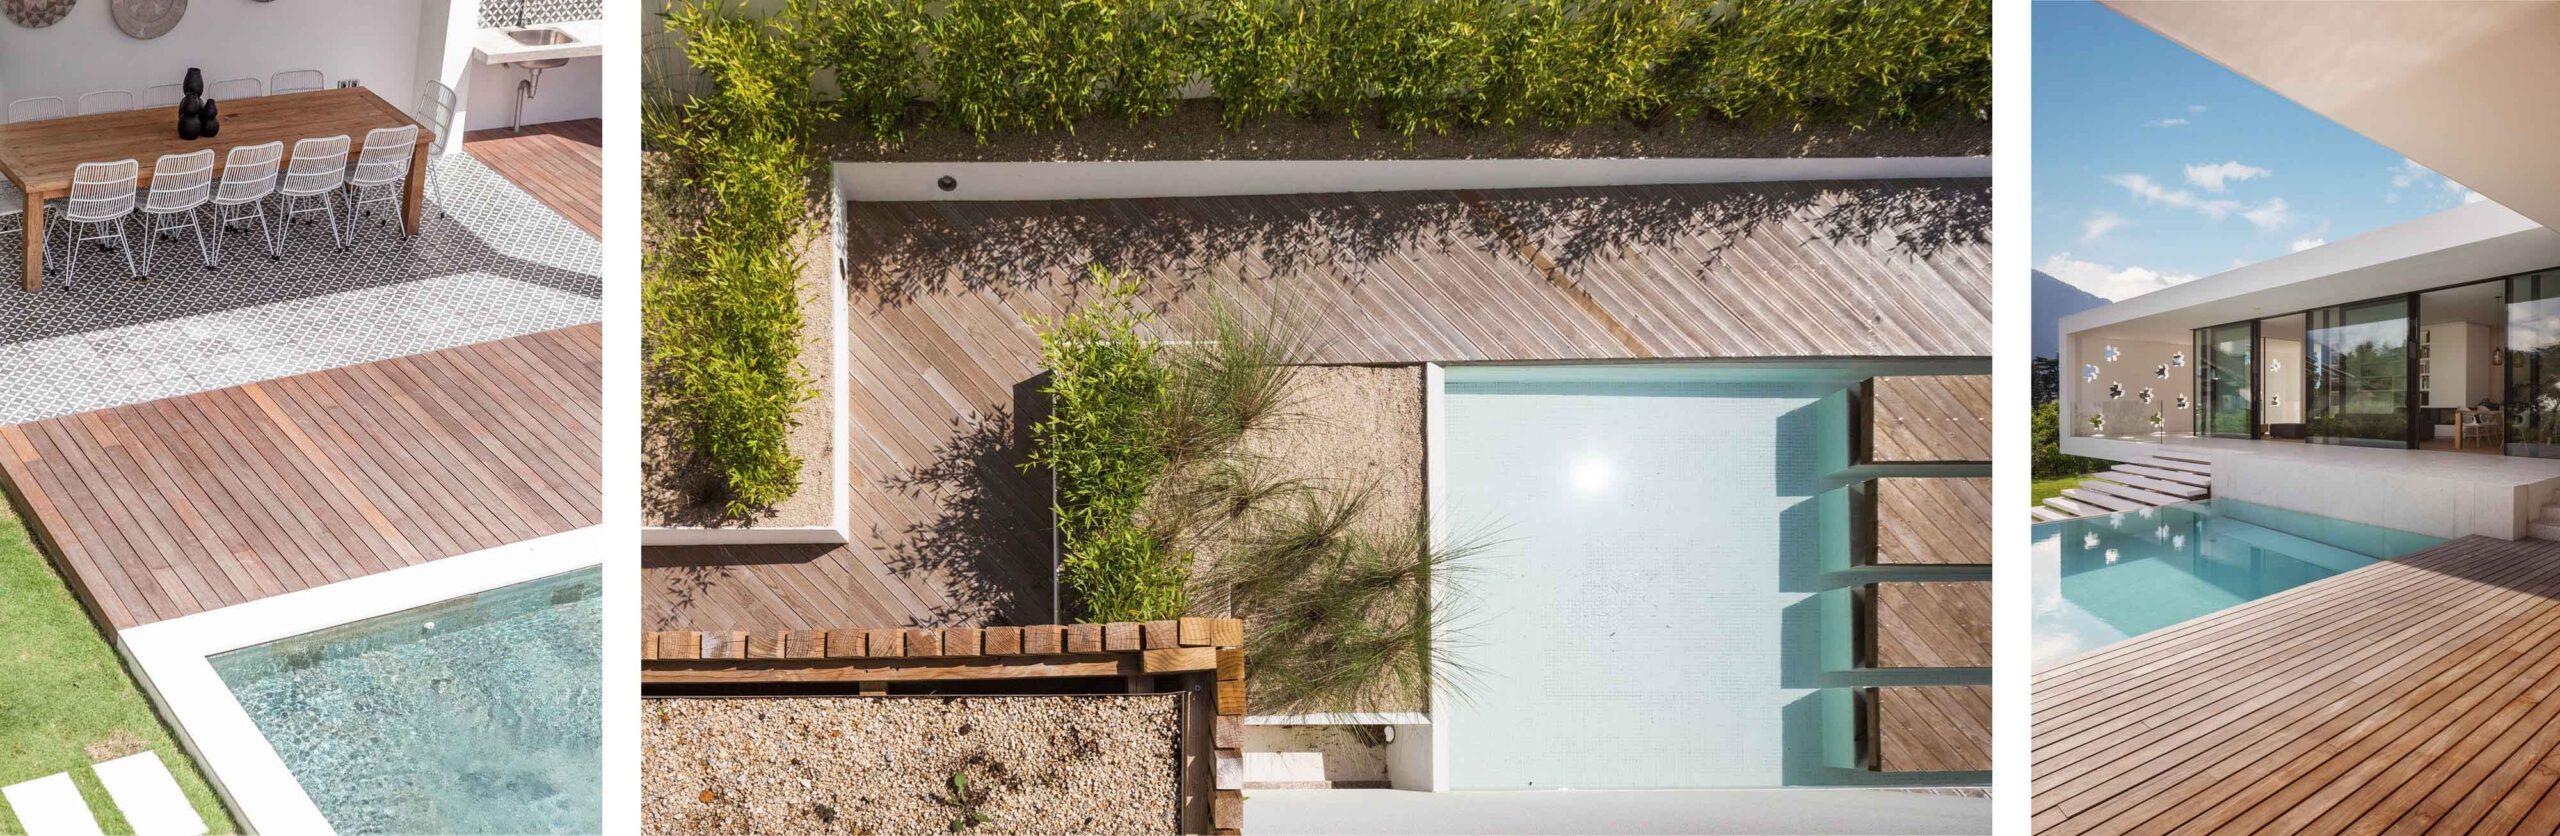 taras drewniany przy basenie